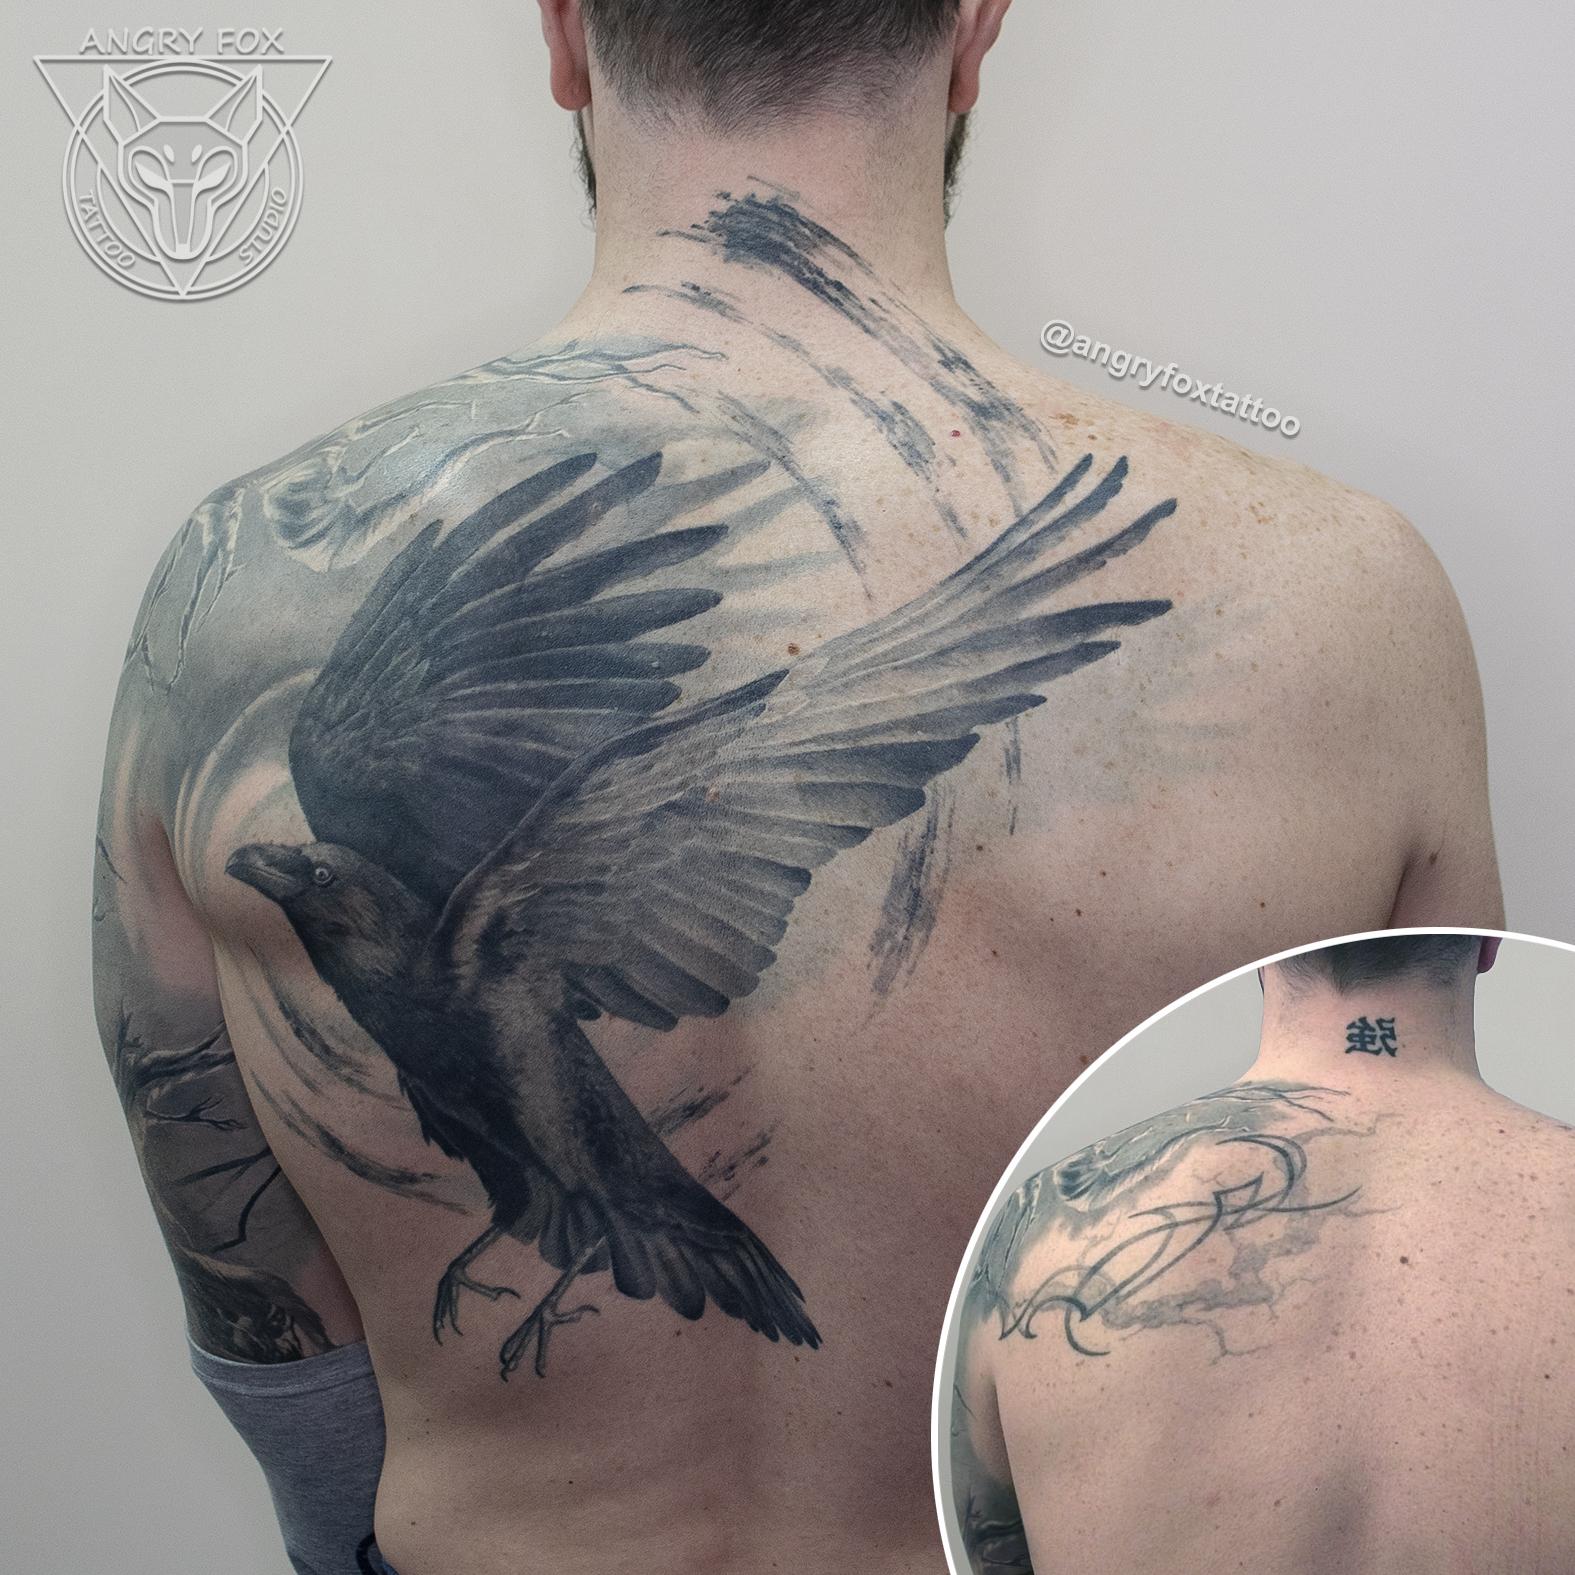 татуировка, тату, каверап, спина, мужчина, лопатка, ворон, перекрытие, реализм